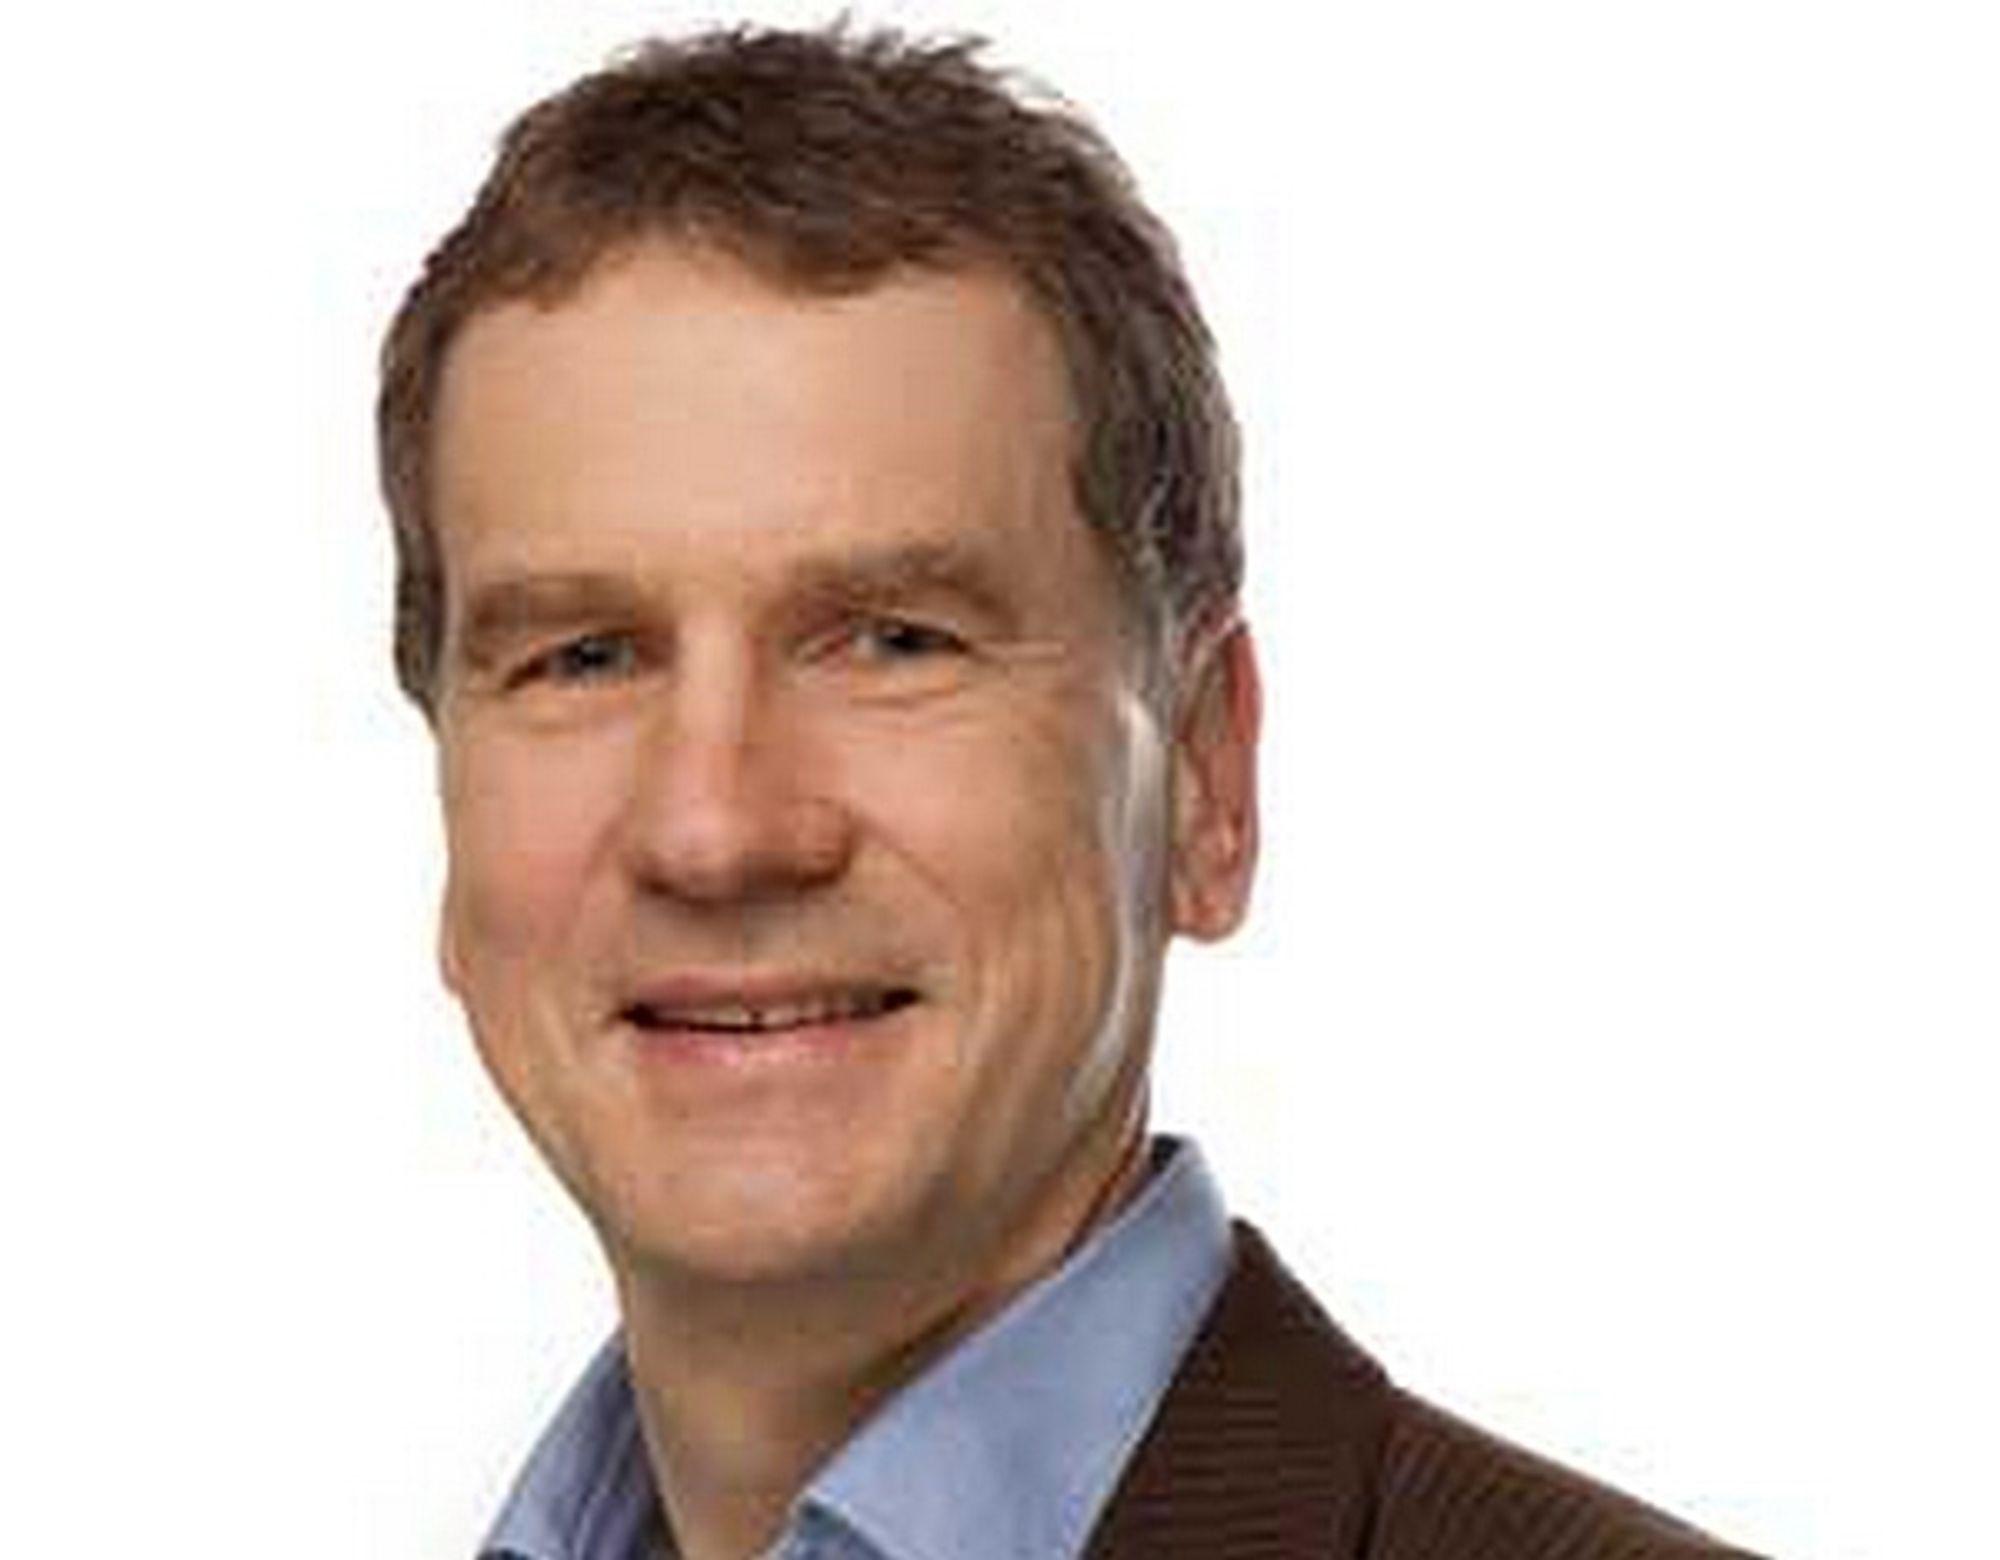 NY: Administrerende direktør Pål Eivind Vegard i Projectplace Norge er en av tre nyinnsatte direktører i norske it-selskaper etter nyttår.